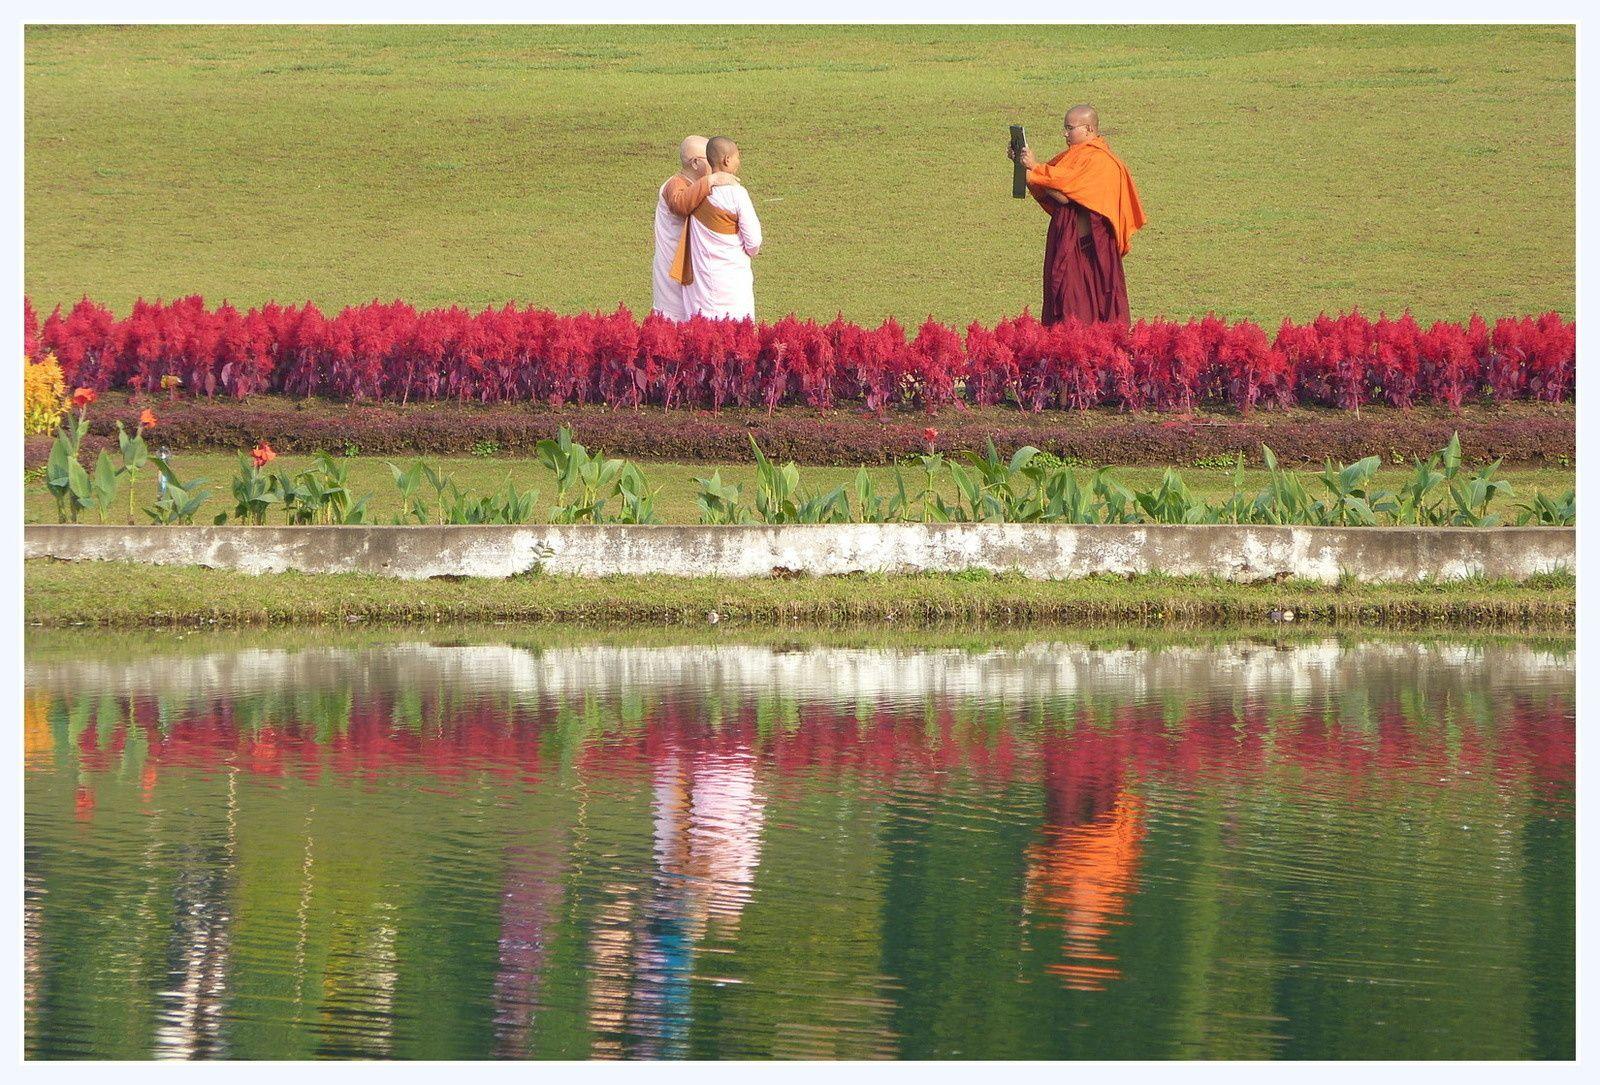 La fraîcheur de cette station de montagne attire les Birmans qui découvrent les plaisirs de la photo...;même quand on est moine!